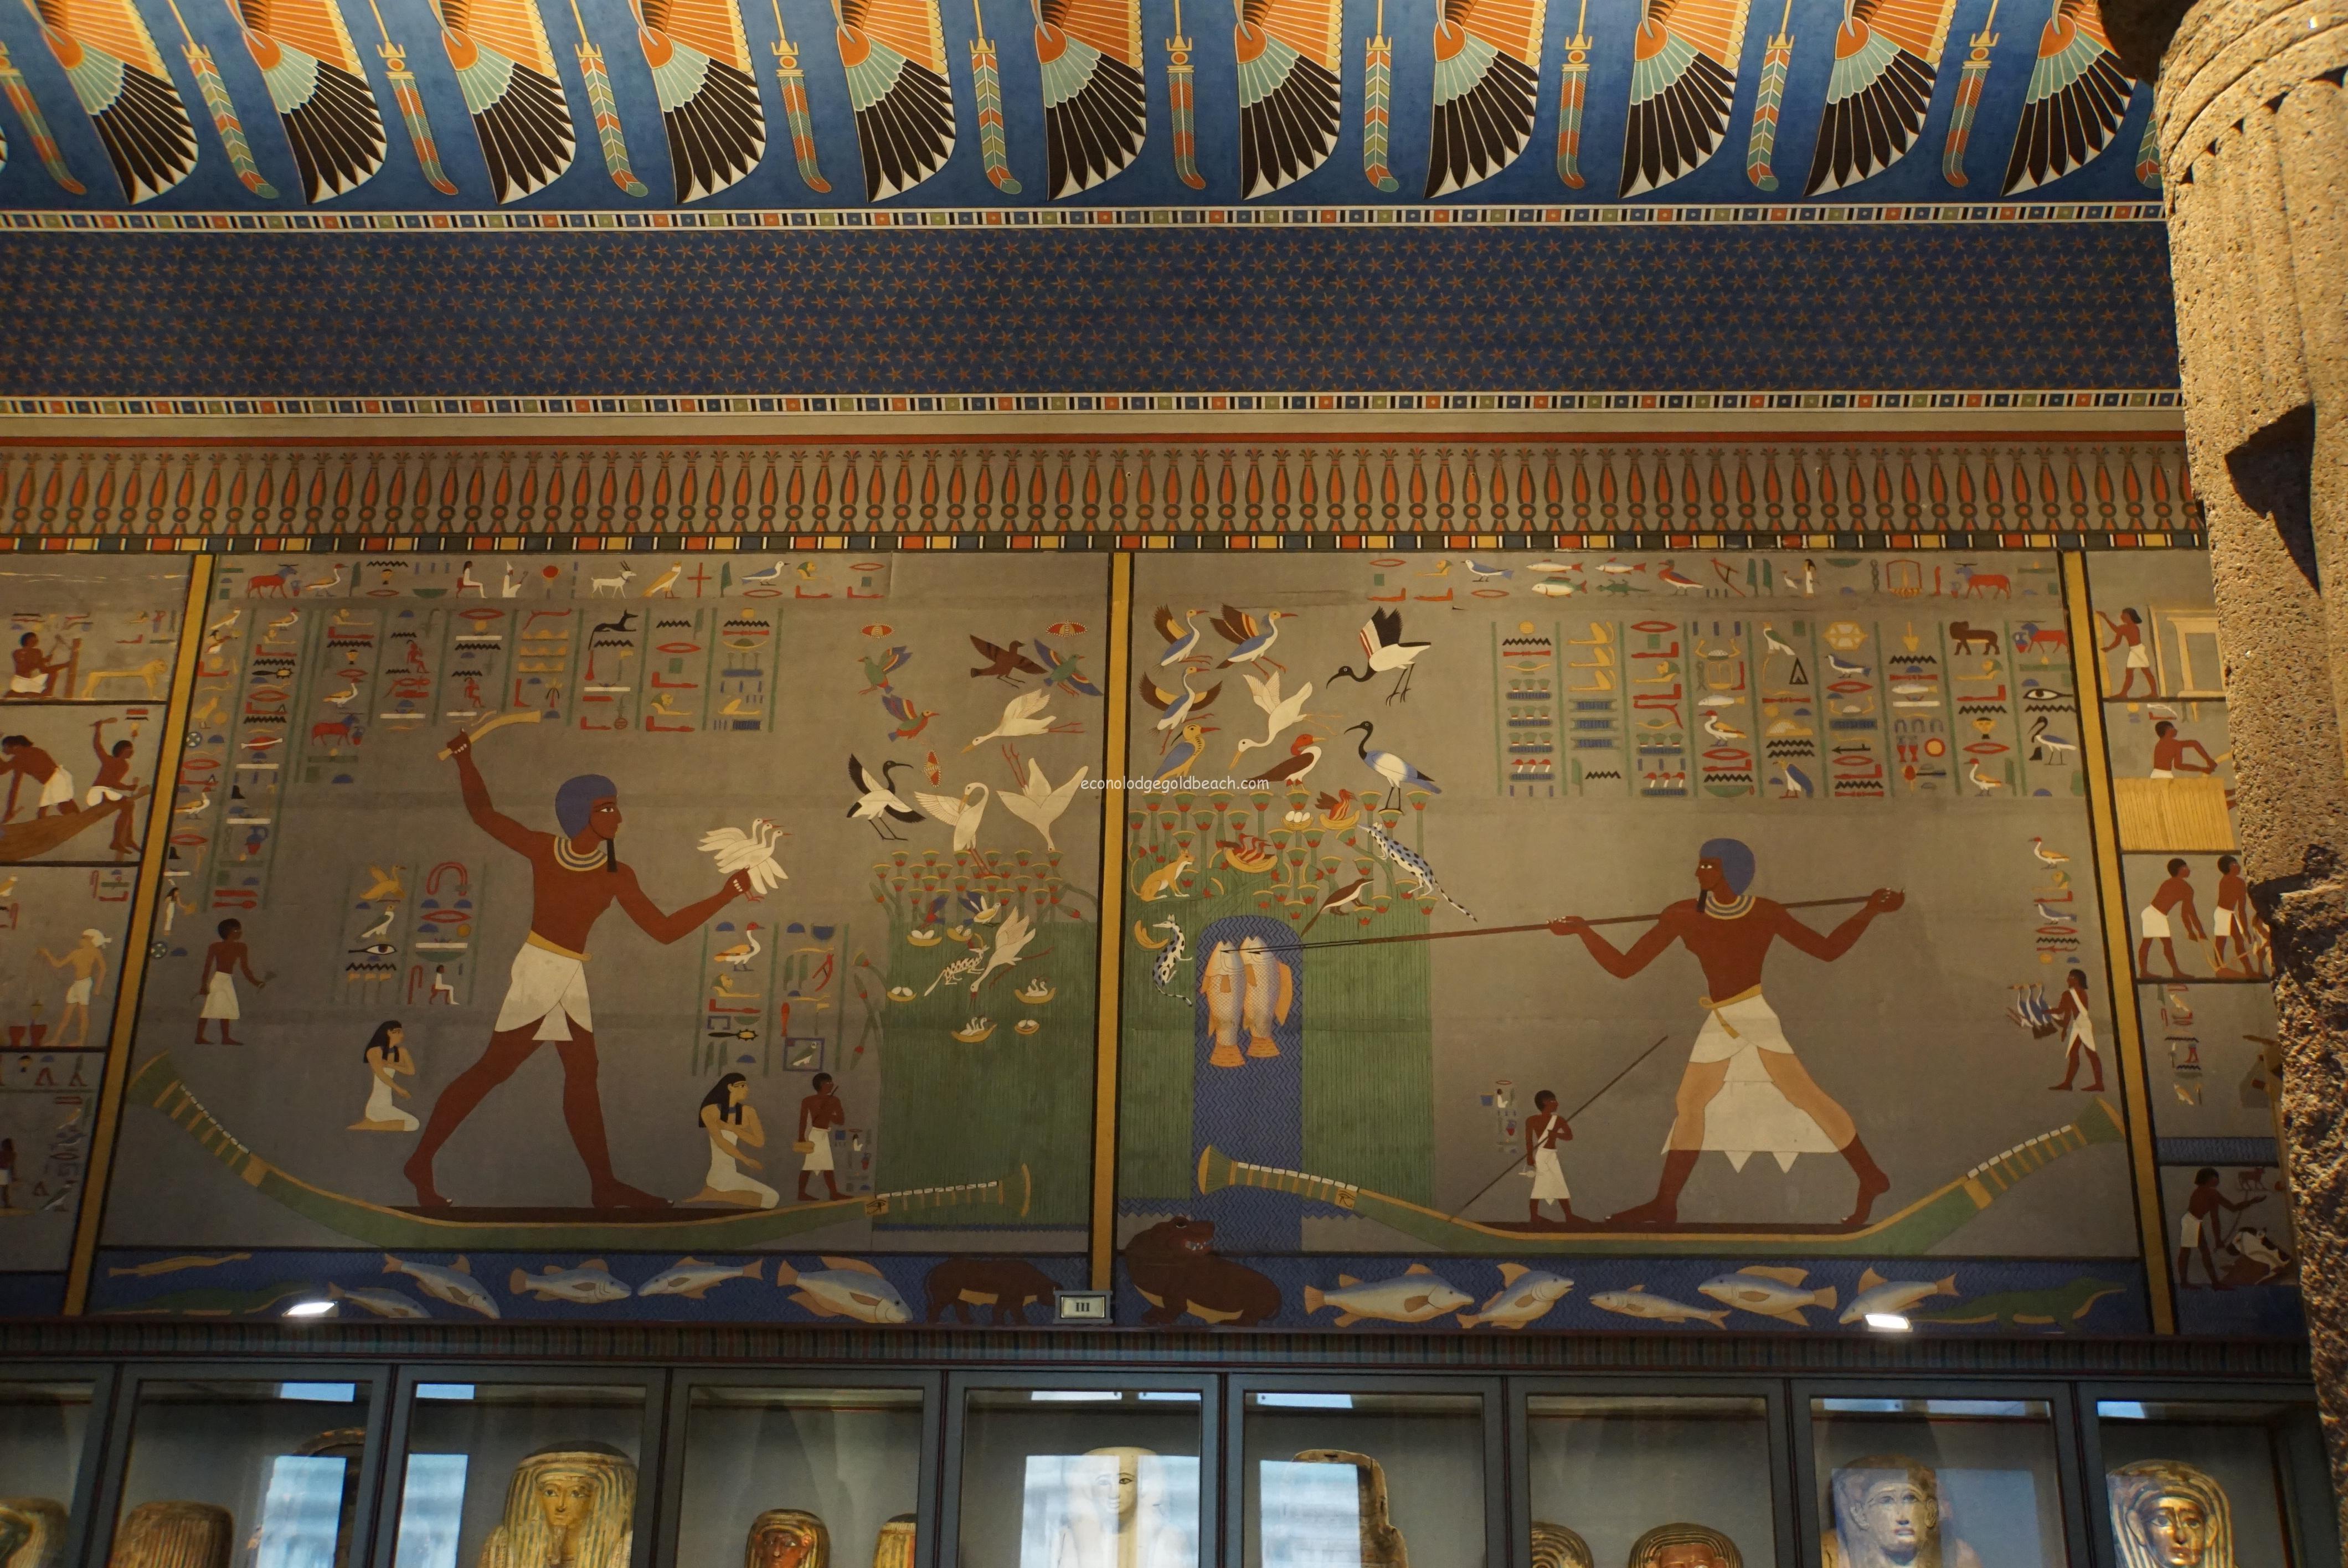 古代エジプト展の壁